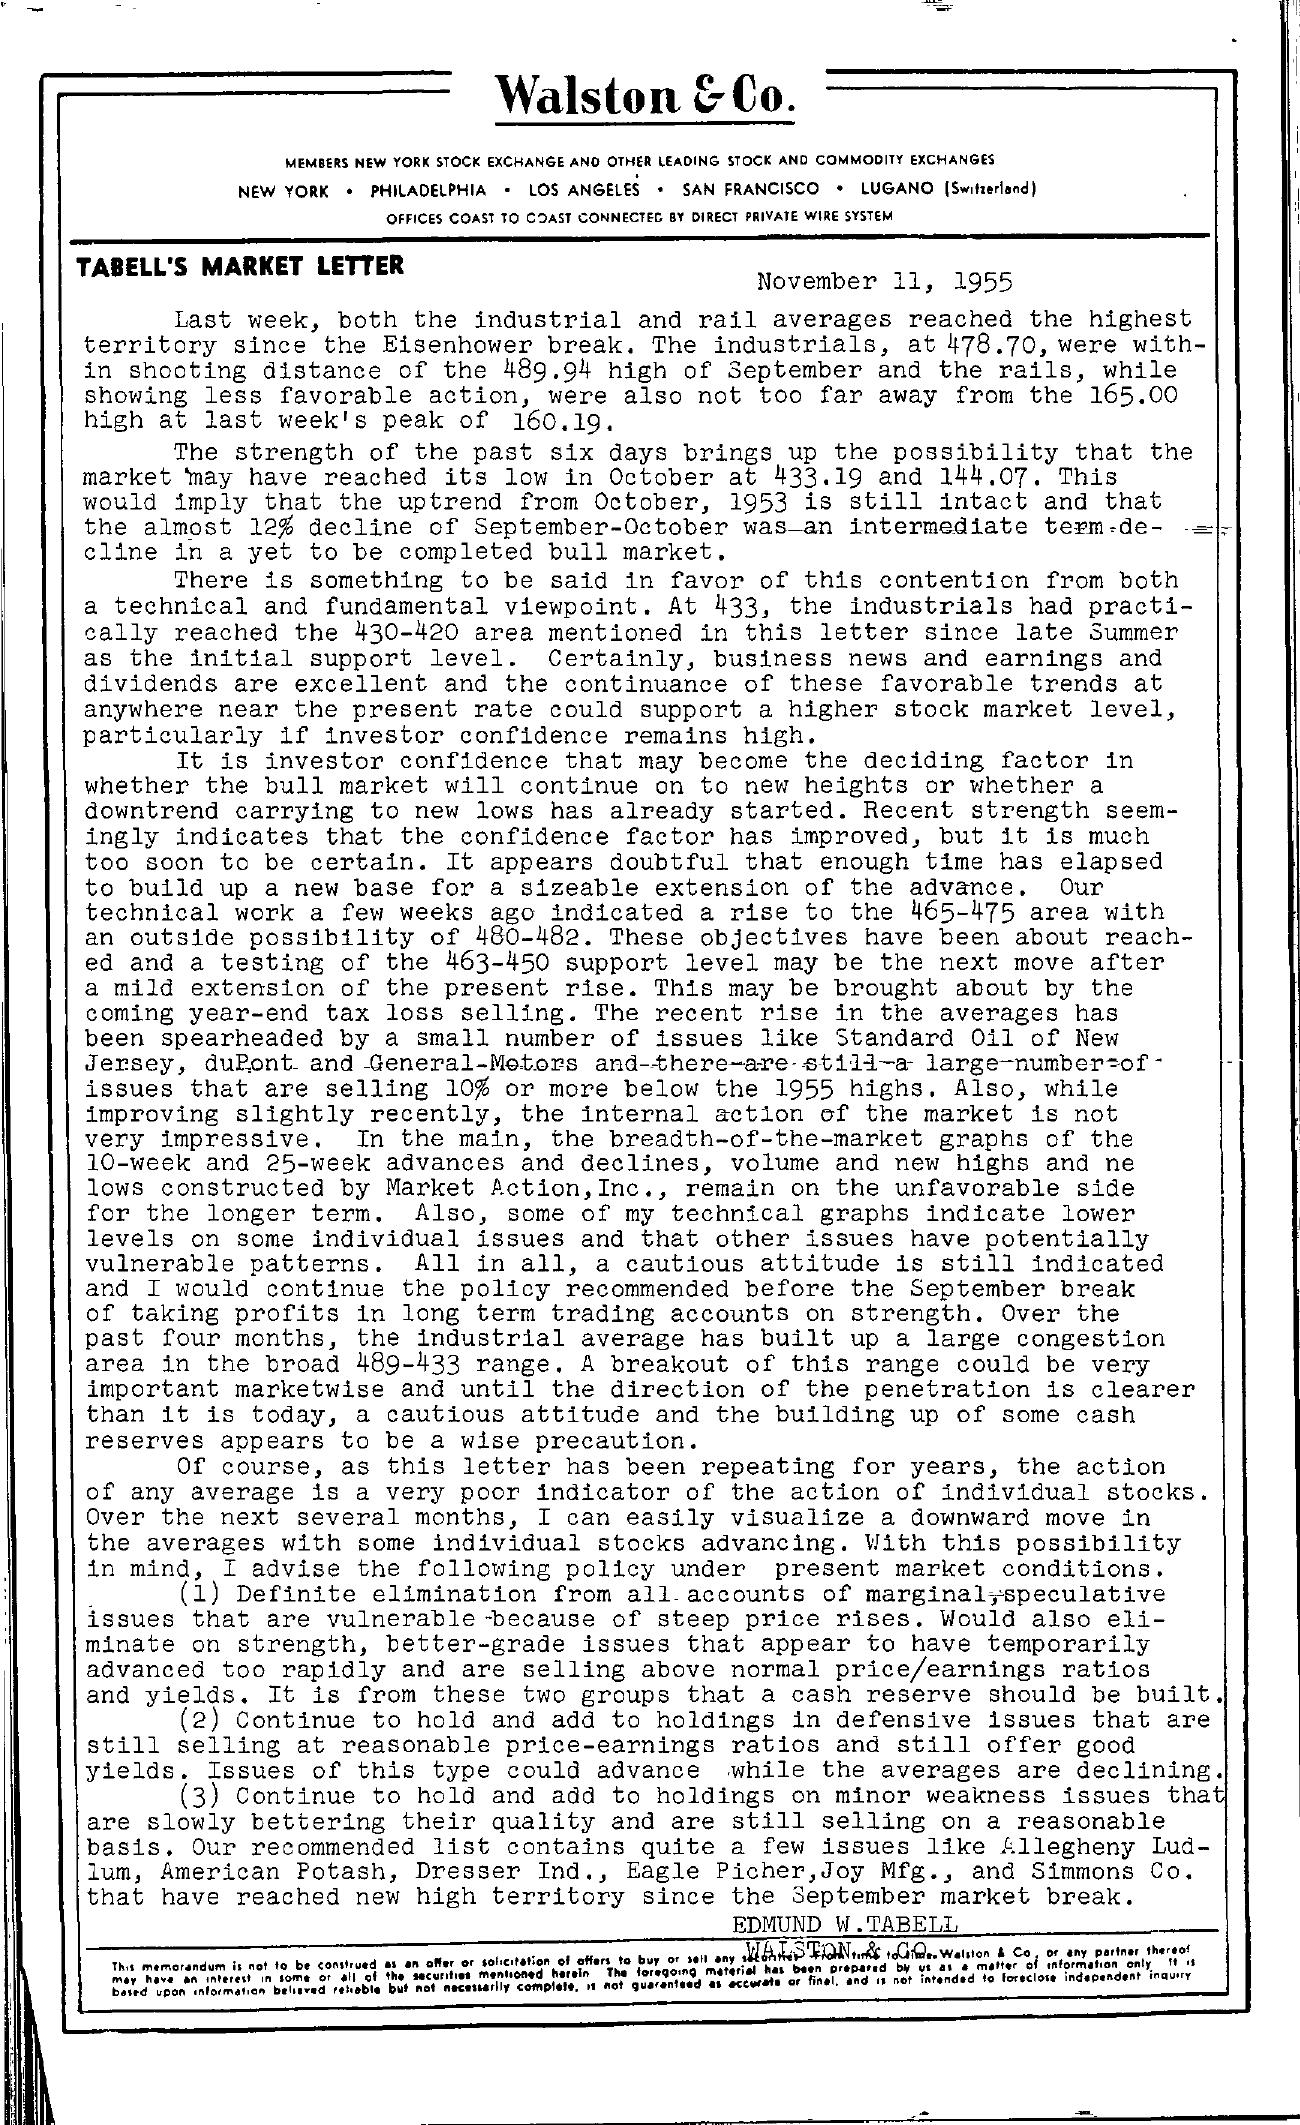 Tabell's Market Letter - November 11, 1955